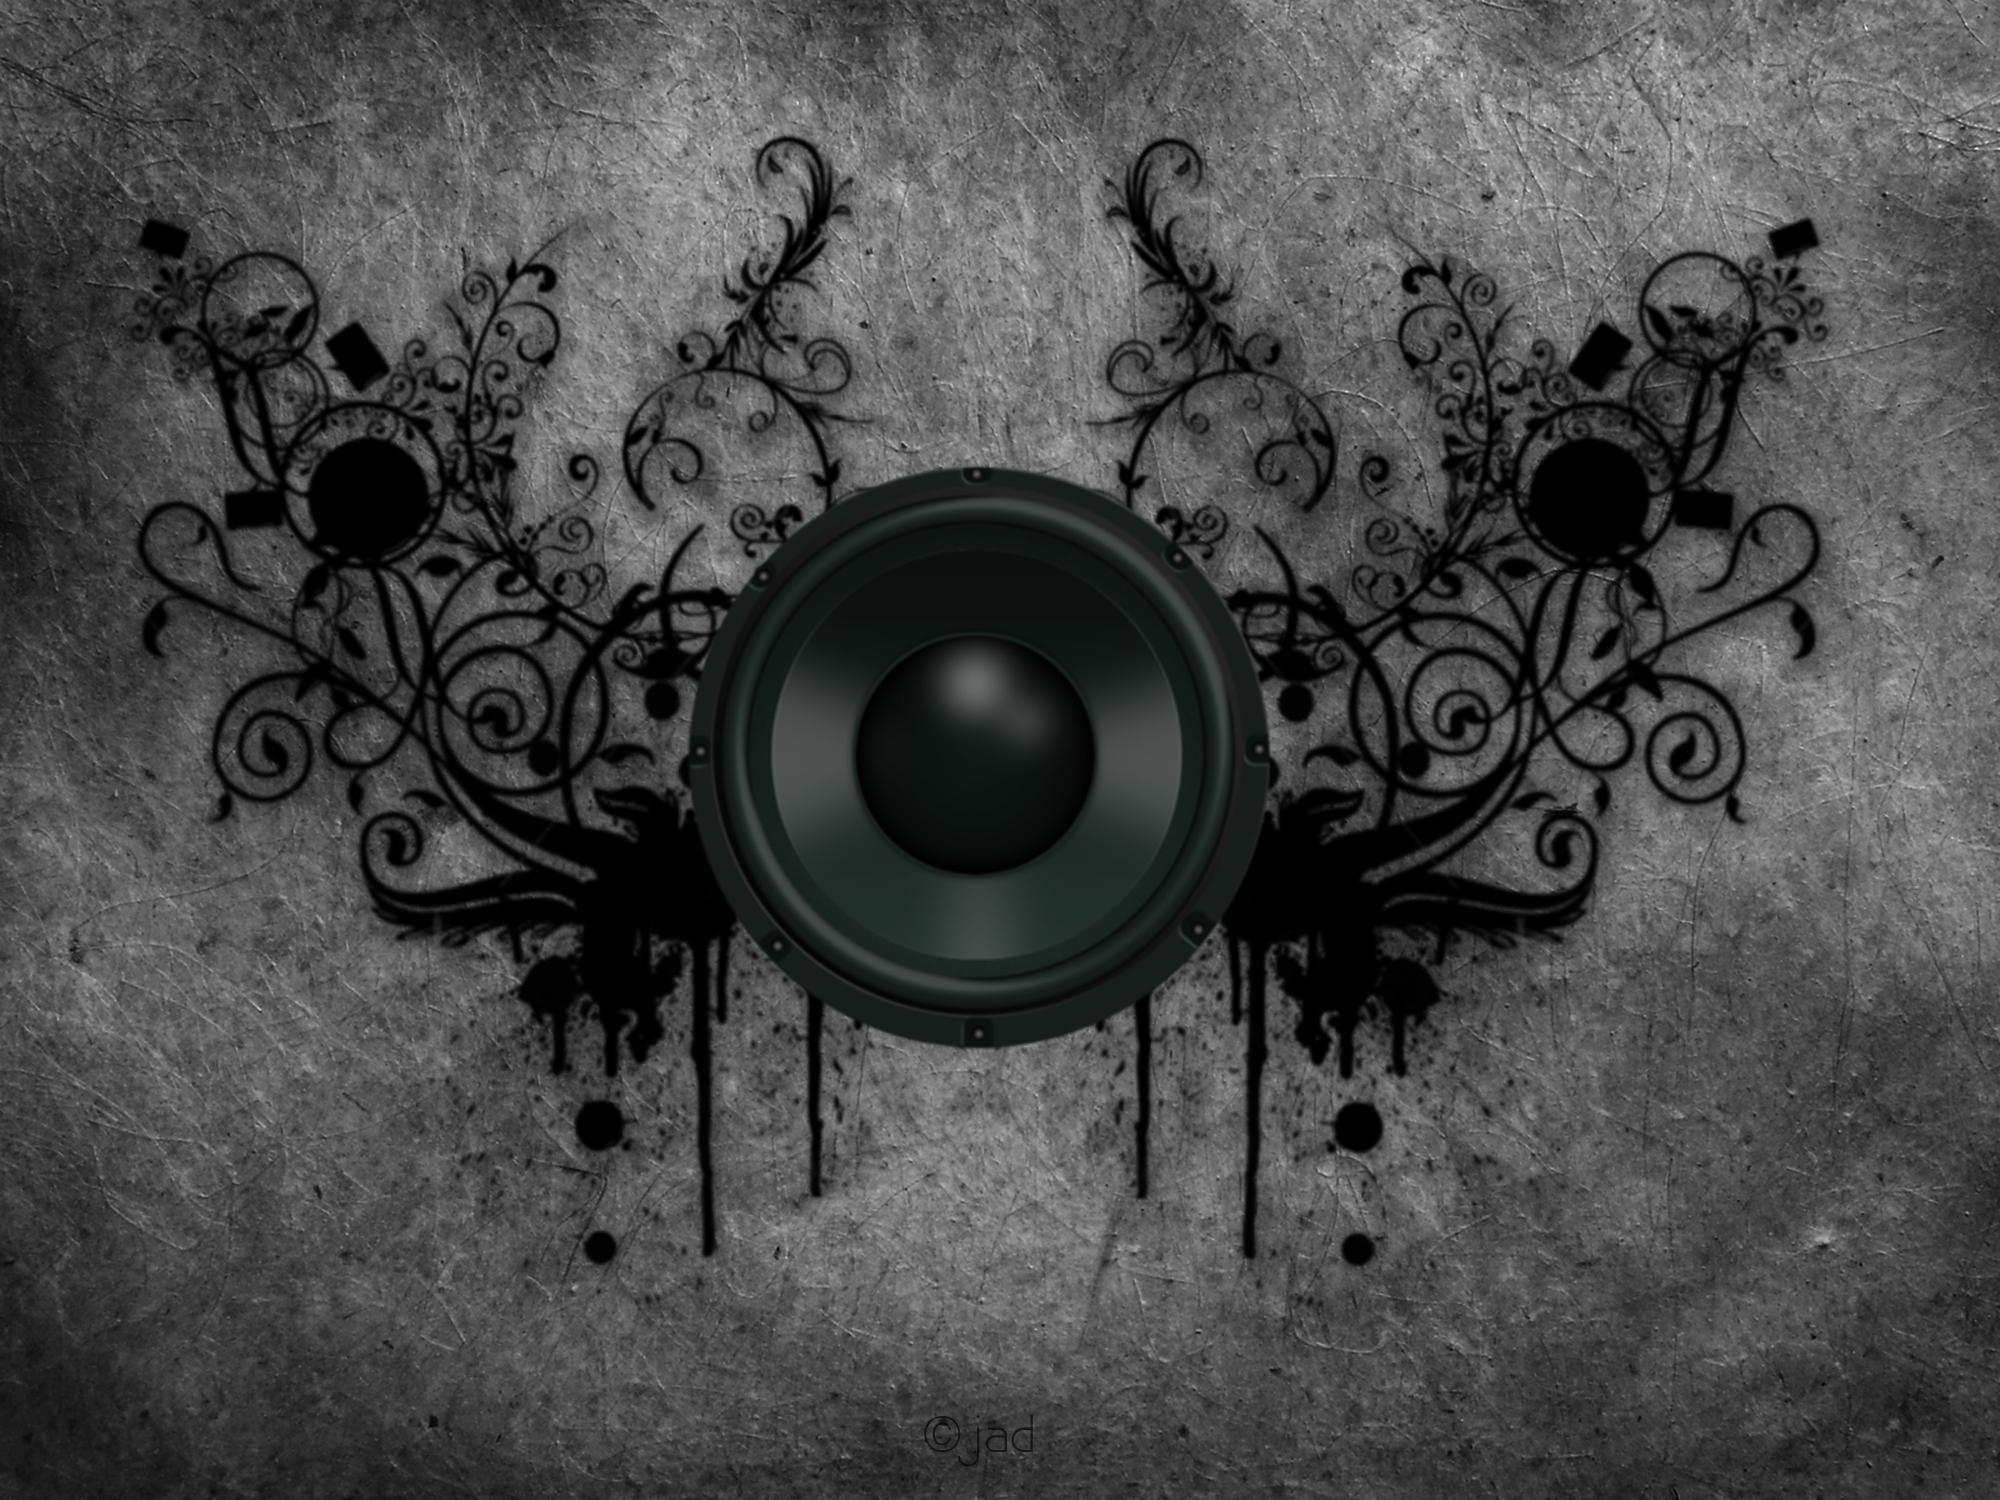 Speaker Power By JunnyAD